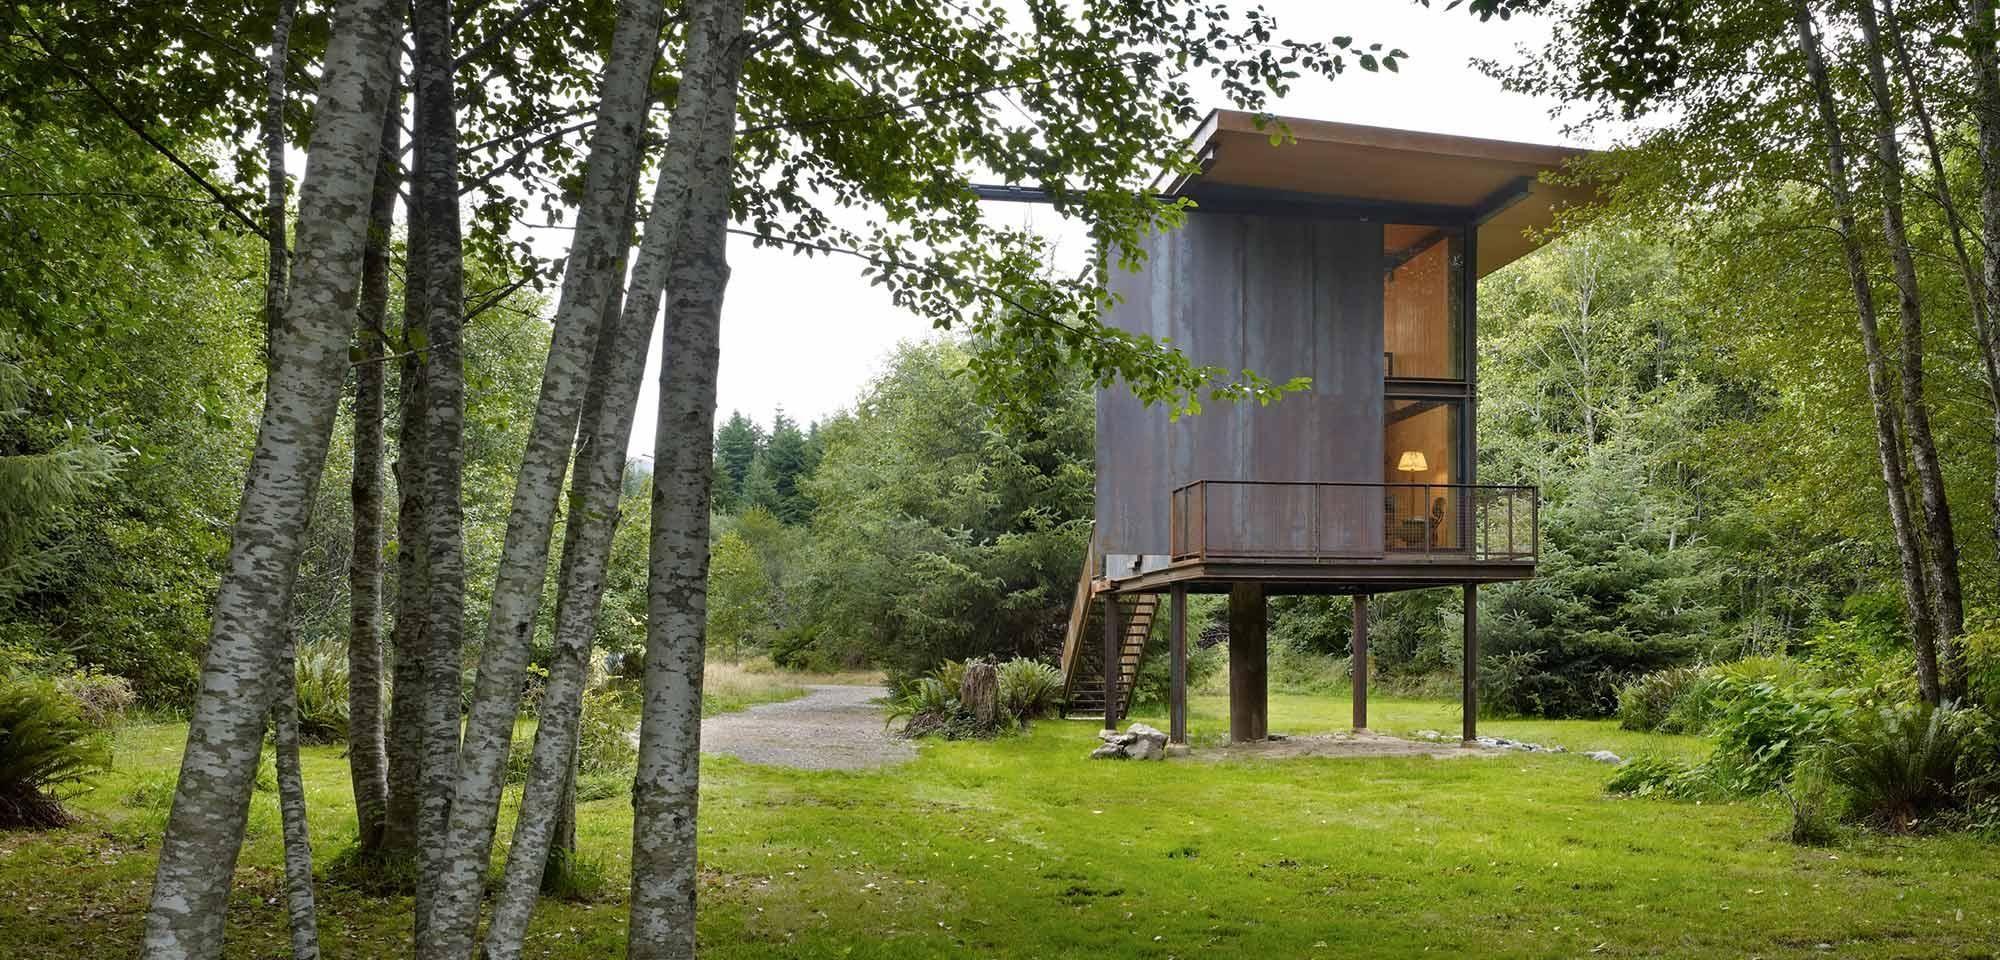 Innenarchitektur von schlafzimmermöbeln sol duc cabin by tom kundig  small houses  pinterest